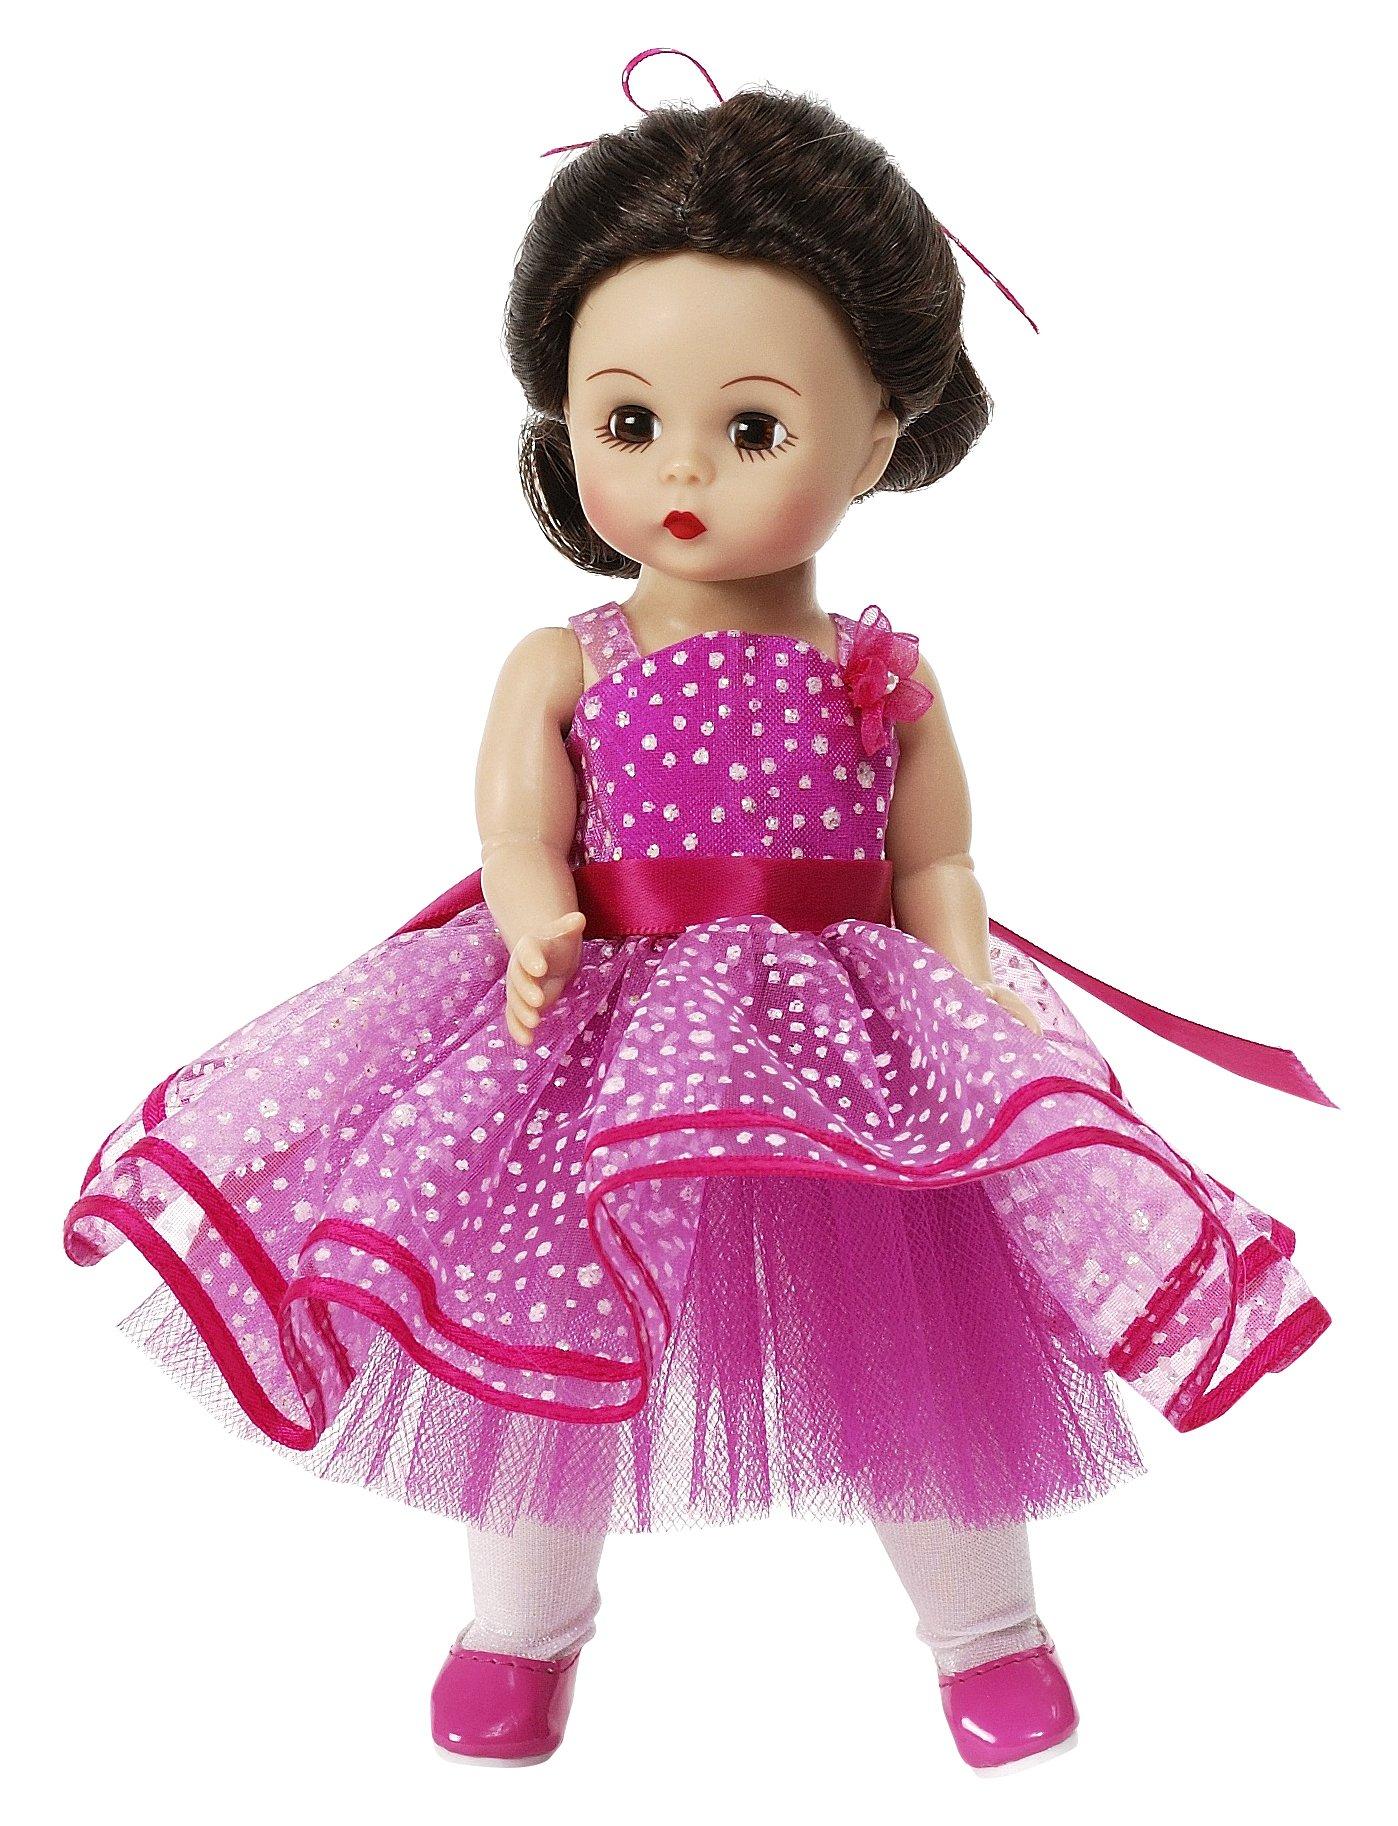 Madame Alexander Birthday Wishes Brunette Doll, 8'' by Madame Alexander